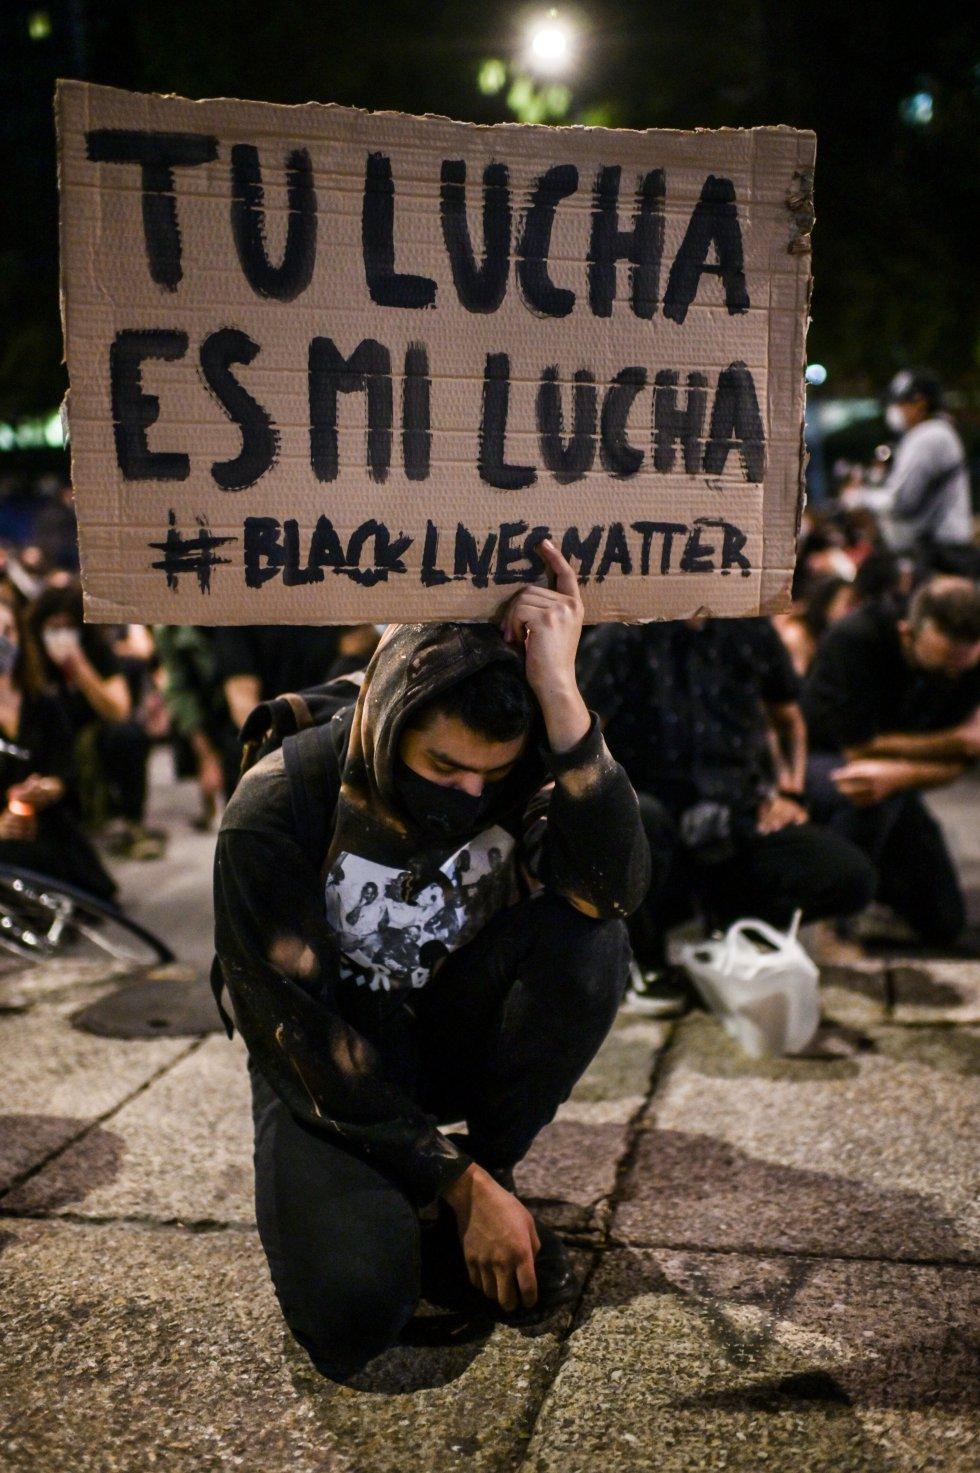 La población latinoamericana se une a las protestas en contra del racismo.